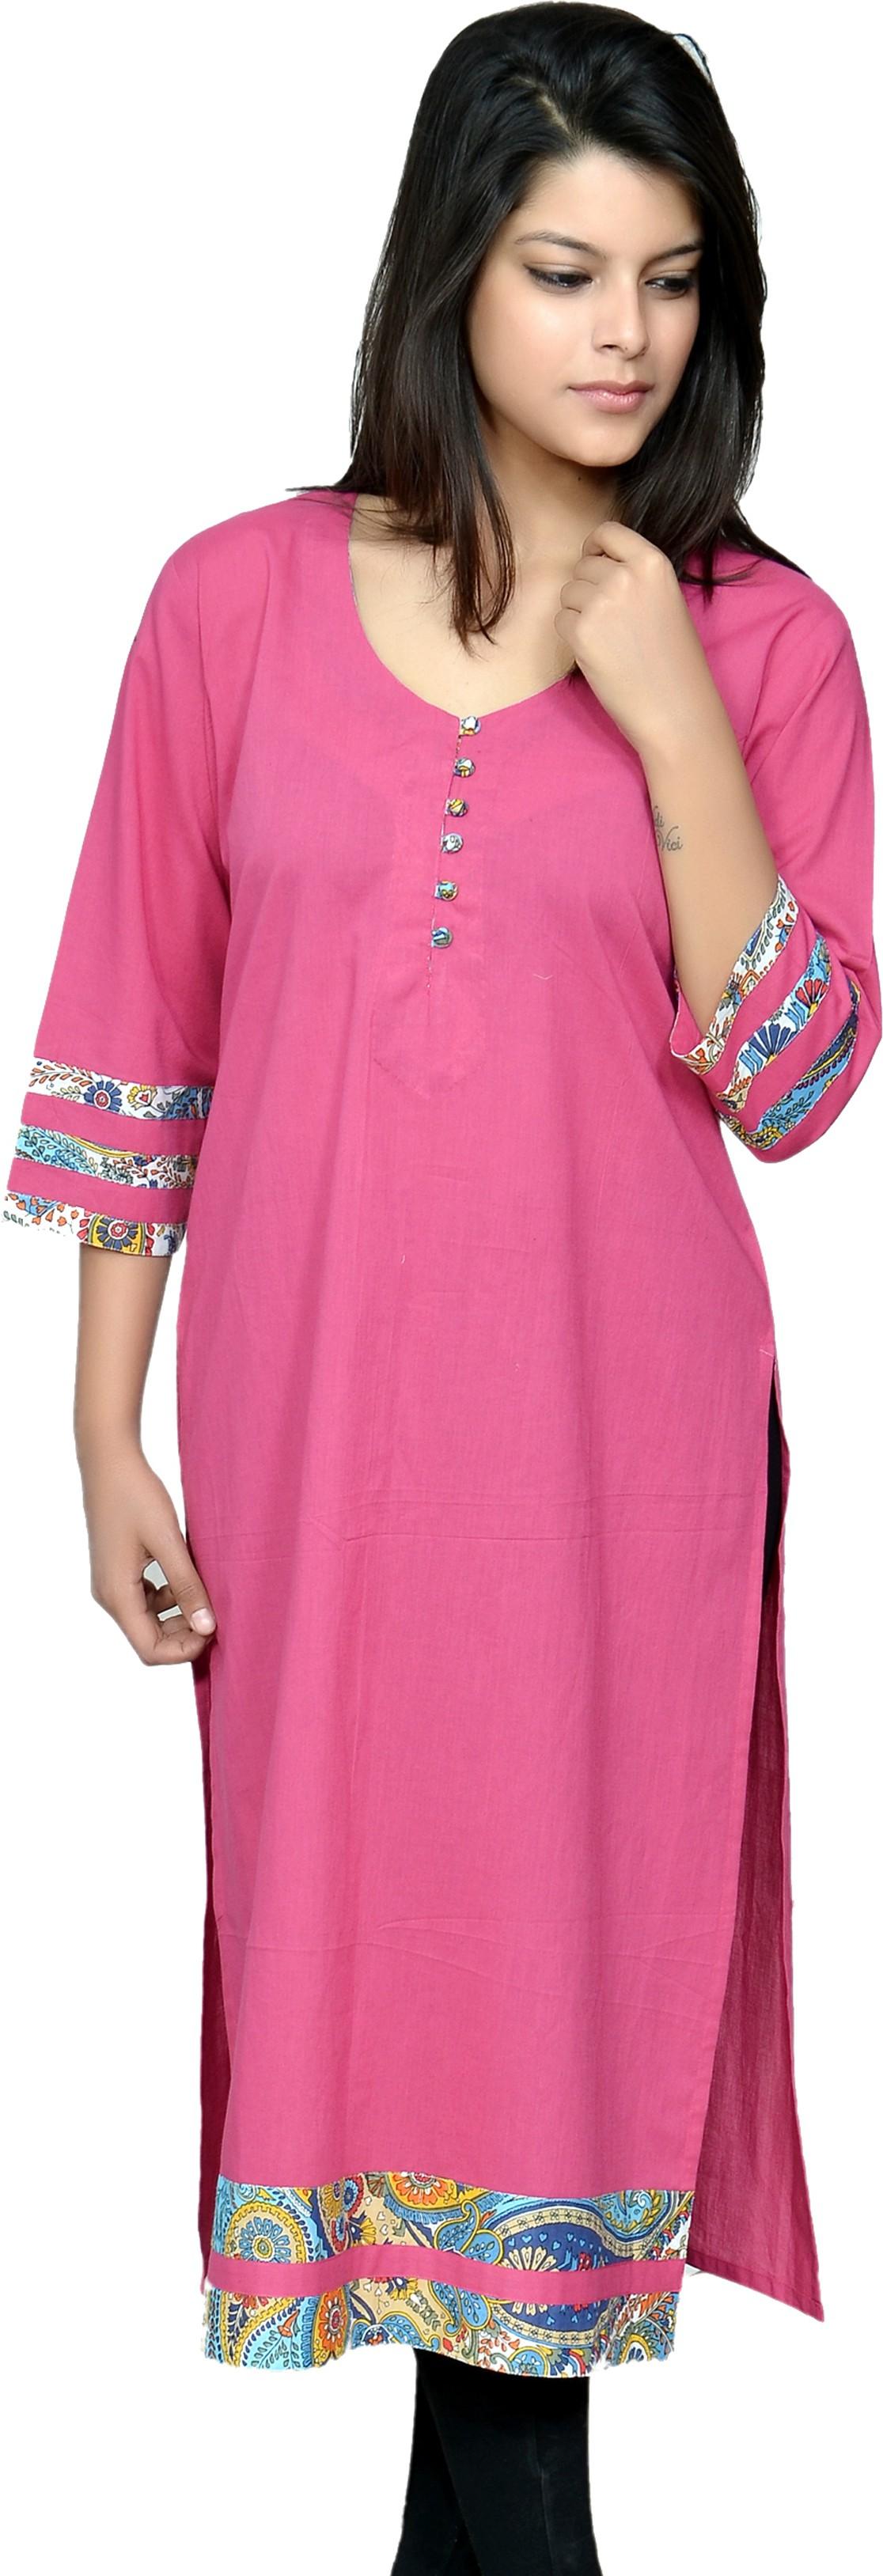 Chitrambara Printed Womens Straight Kurta(Pink)